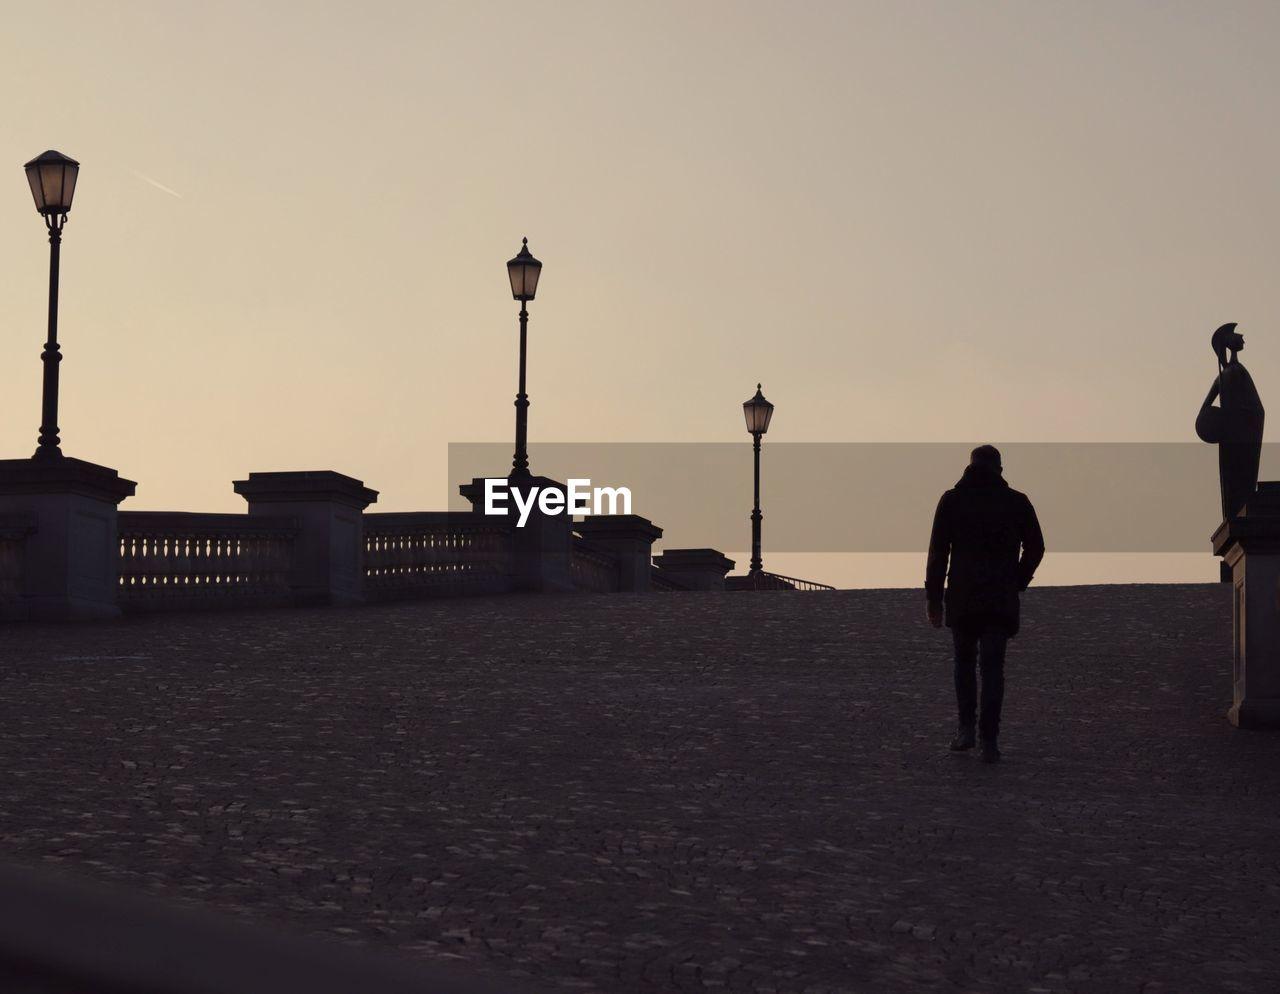 Silhouette Man Walking At Bridge During Sunset